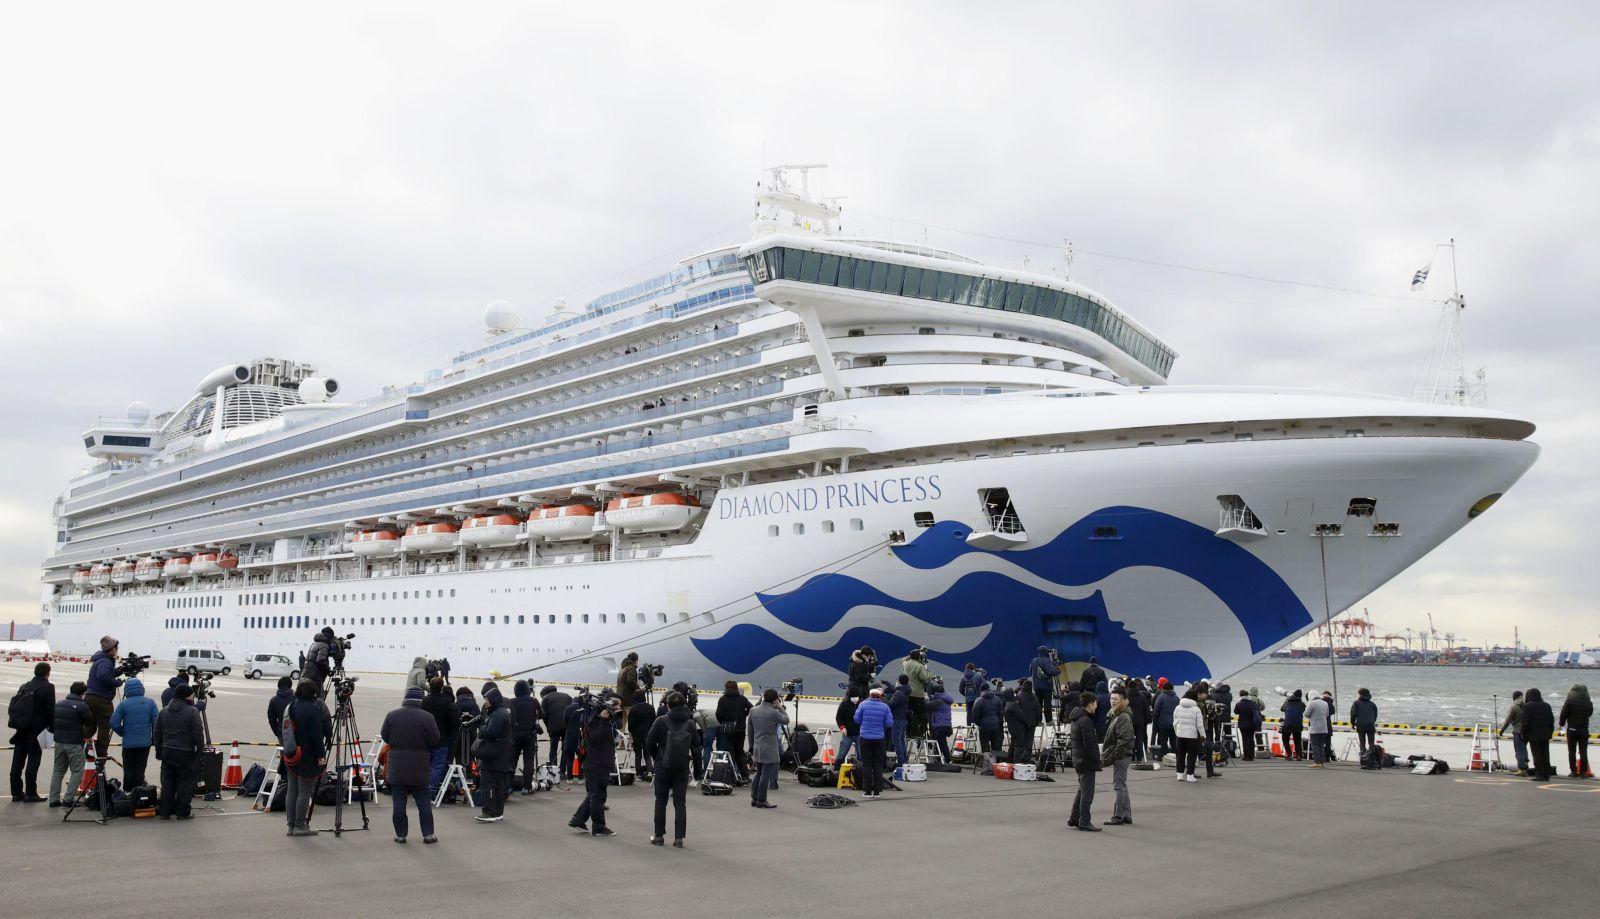 Pasažieri výletnej lode, na ktorej sa objavil koronavírus zostávajú vo svojich kajutách. Nakazených je už minimálne 20 ľudí